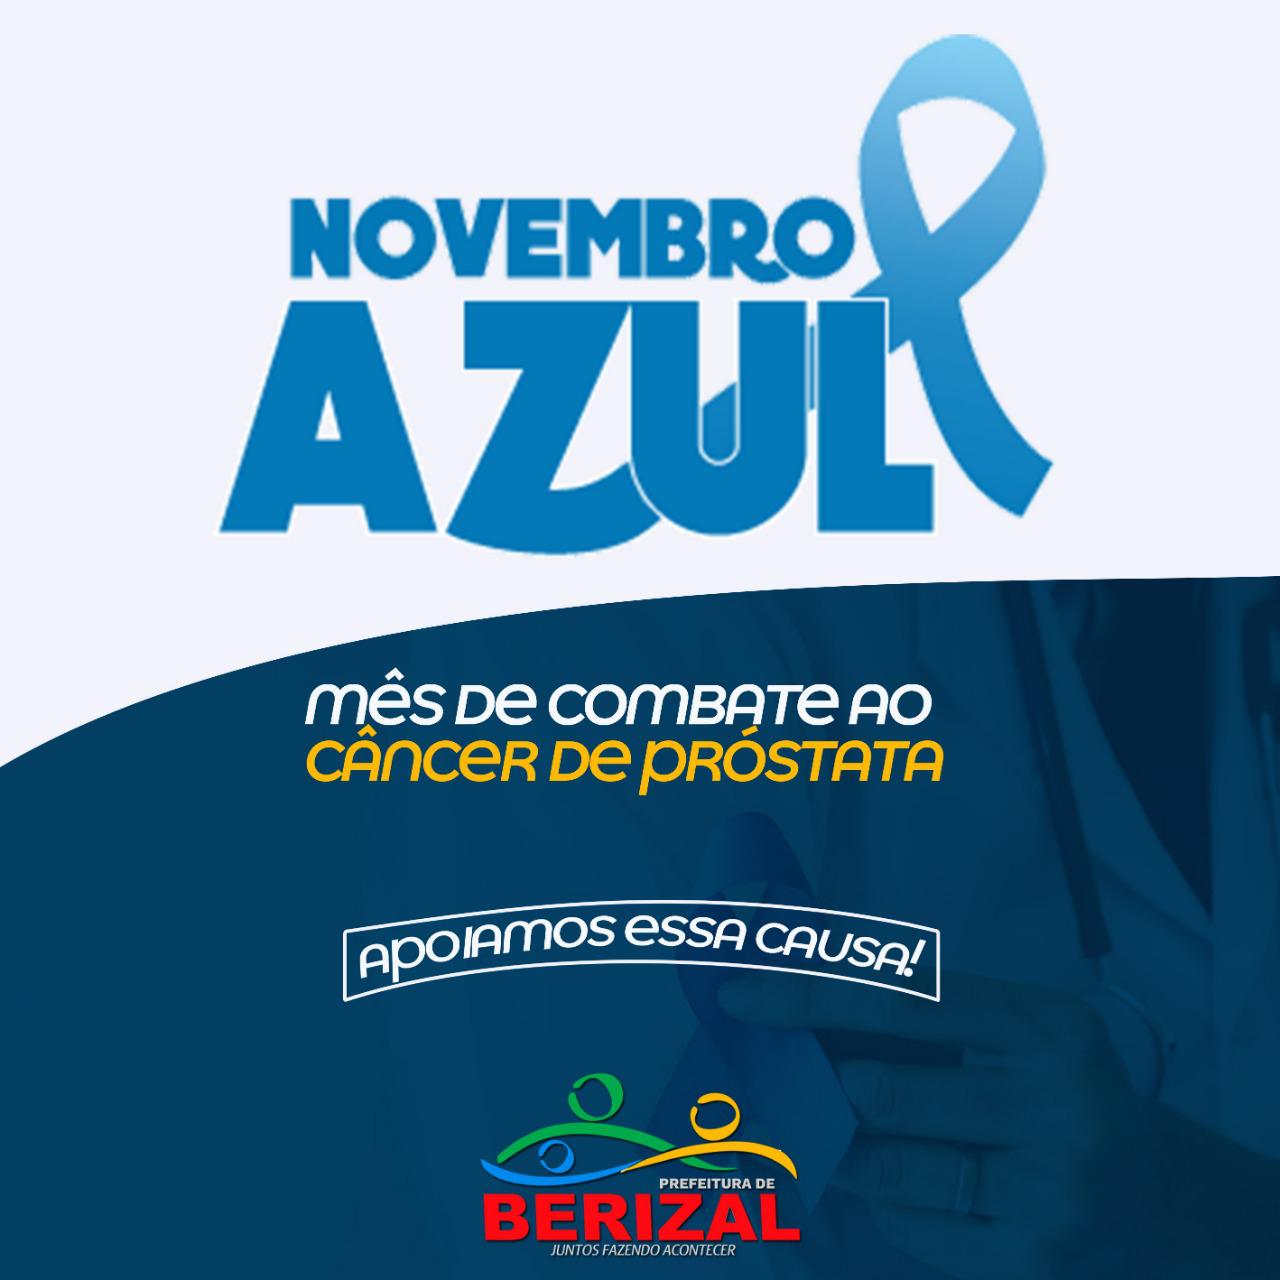 Novembro Azul - Apoiamos essa causa!